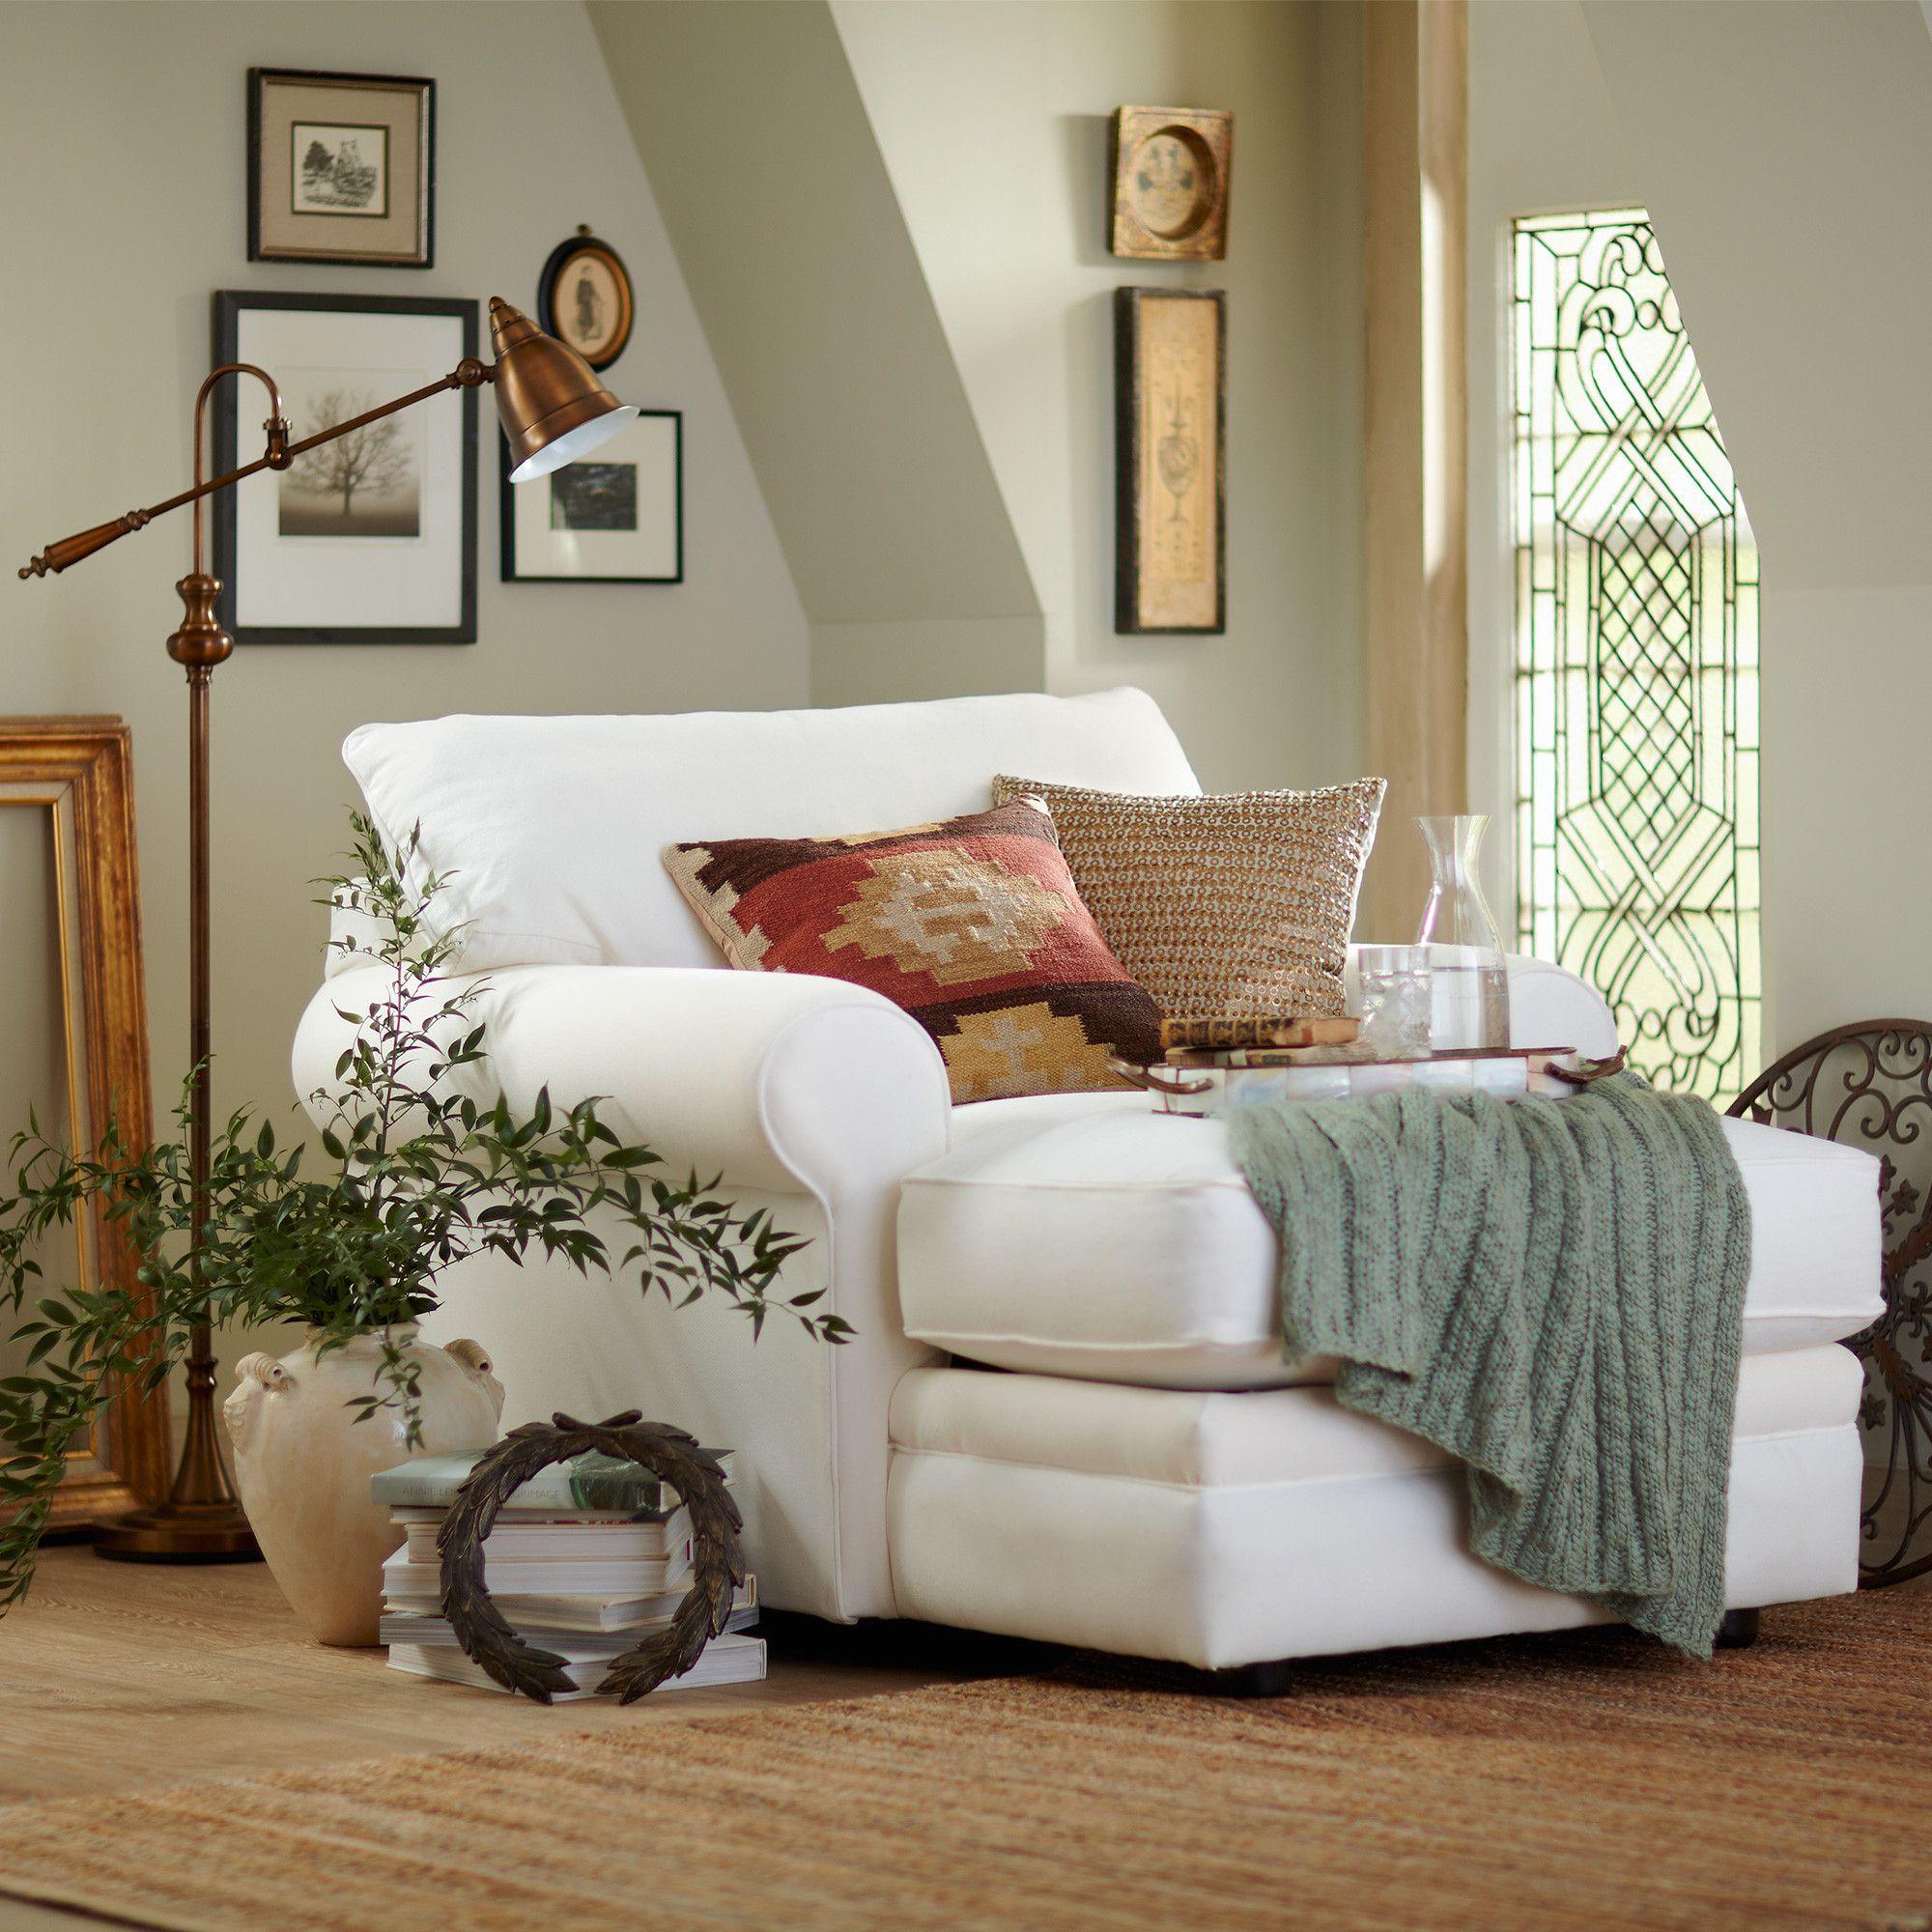 13 mẫu ghế cho phòng ngủ khiến bạn thậm chí còn yêu ghế hơn giường - Ảnh 8.